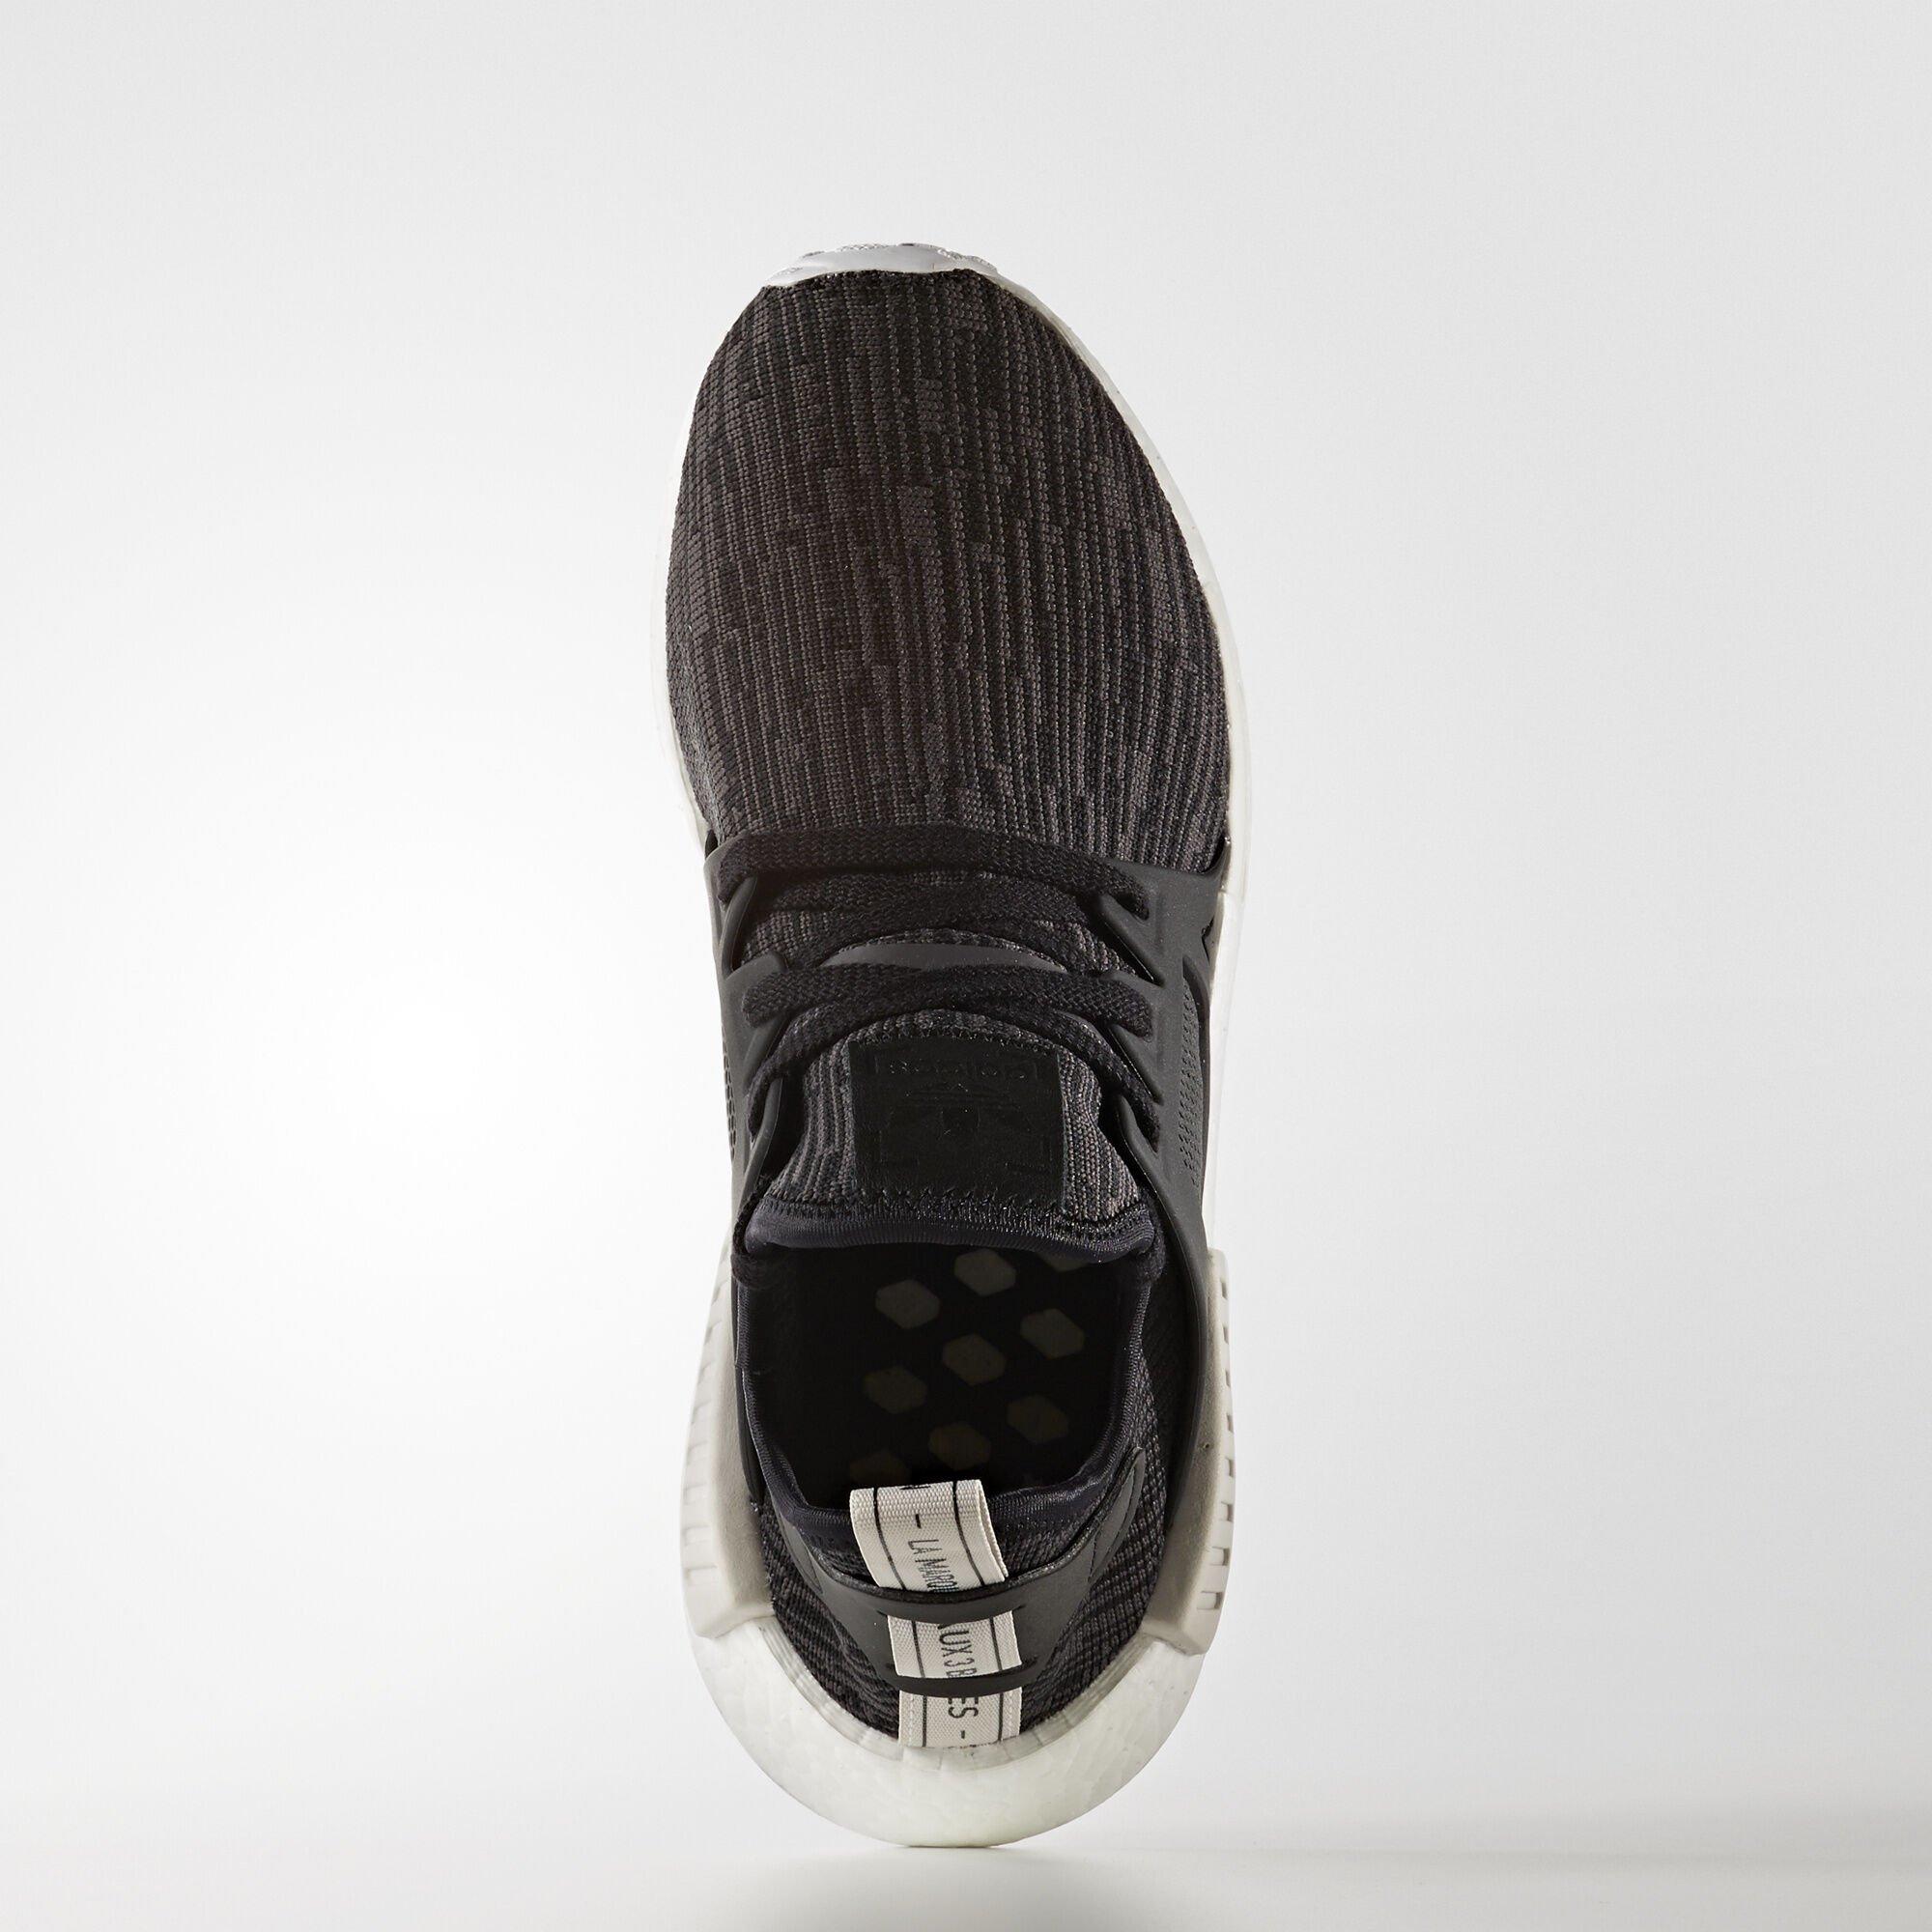 adidas  NMD XR1 Glitch Camo Black (BB2370)